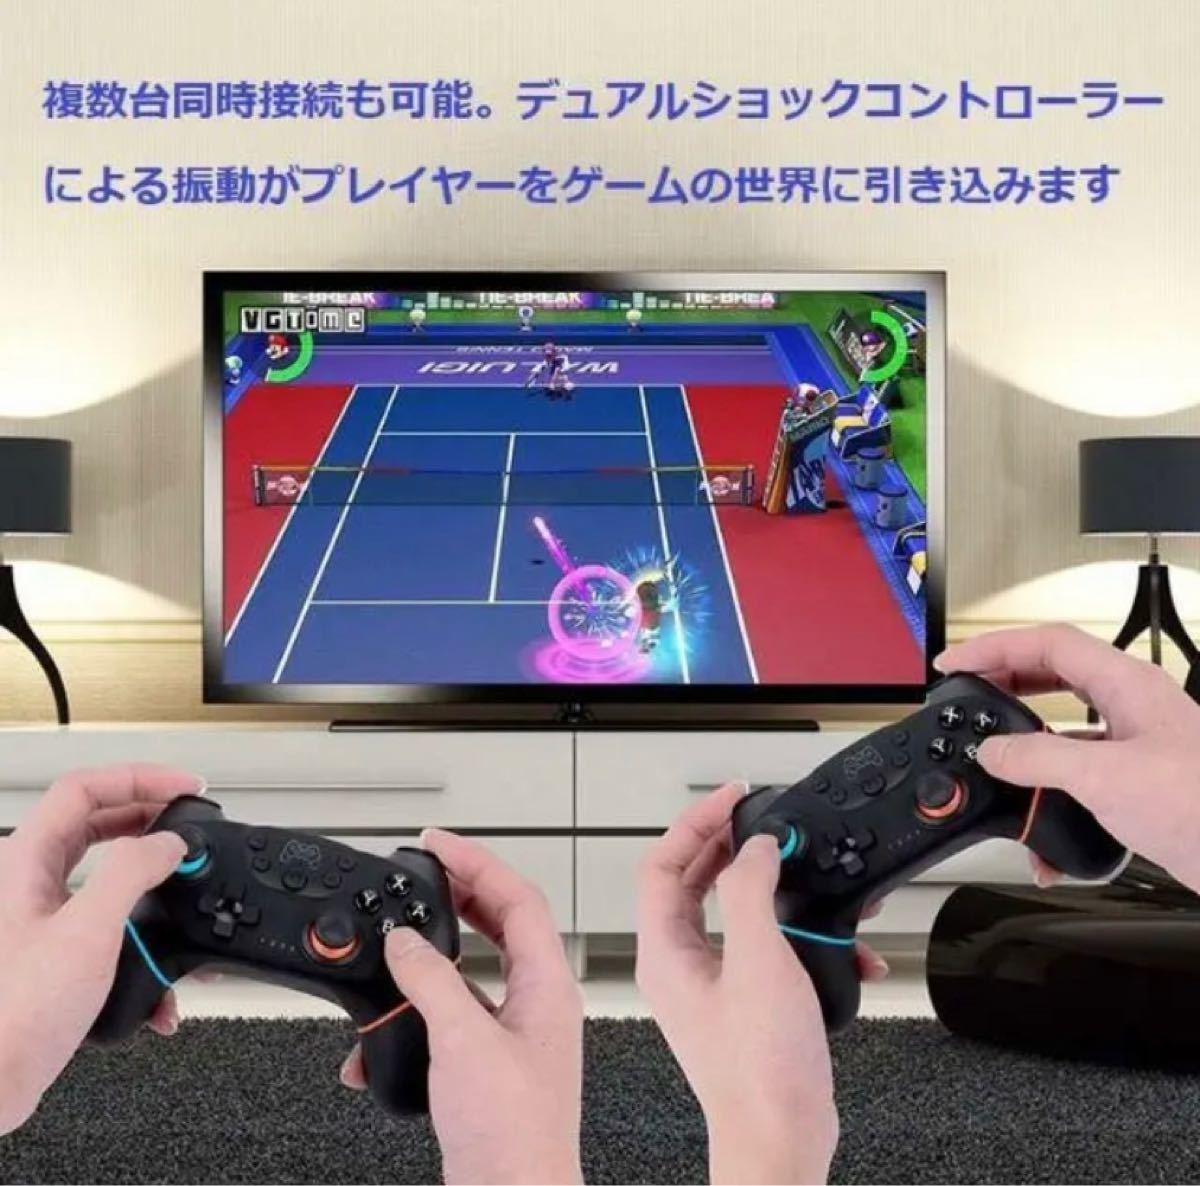 Switchコントローラー プロコン ジョイコン ワイヤレス Switch対応